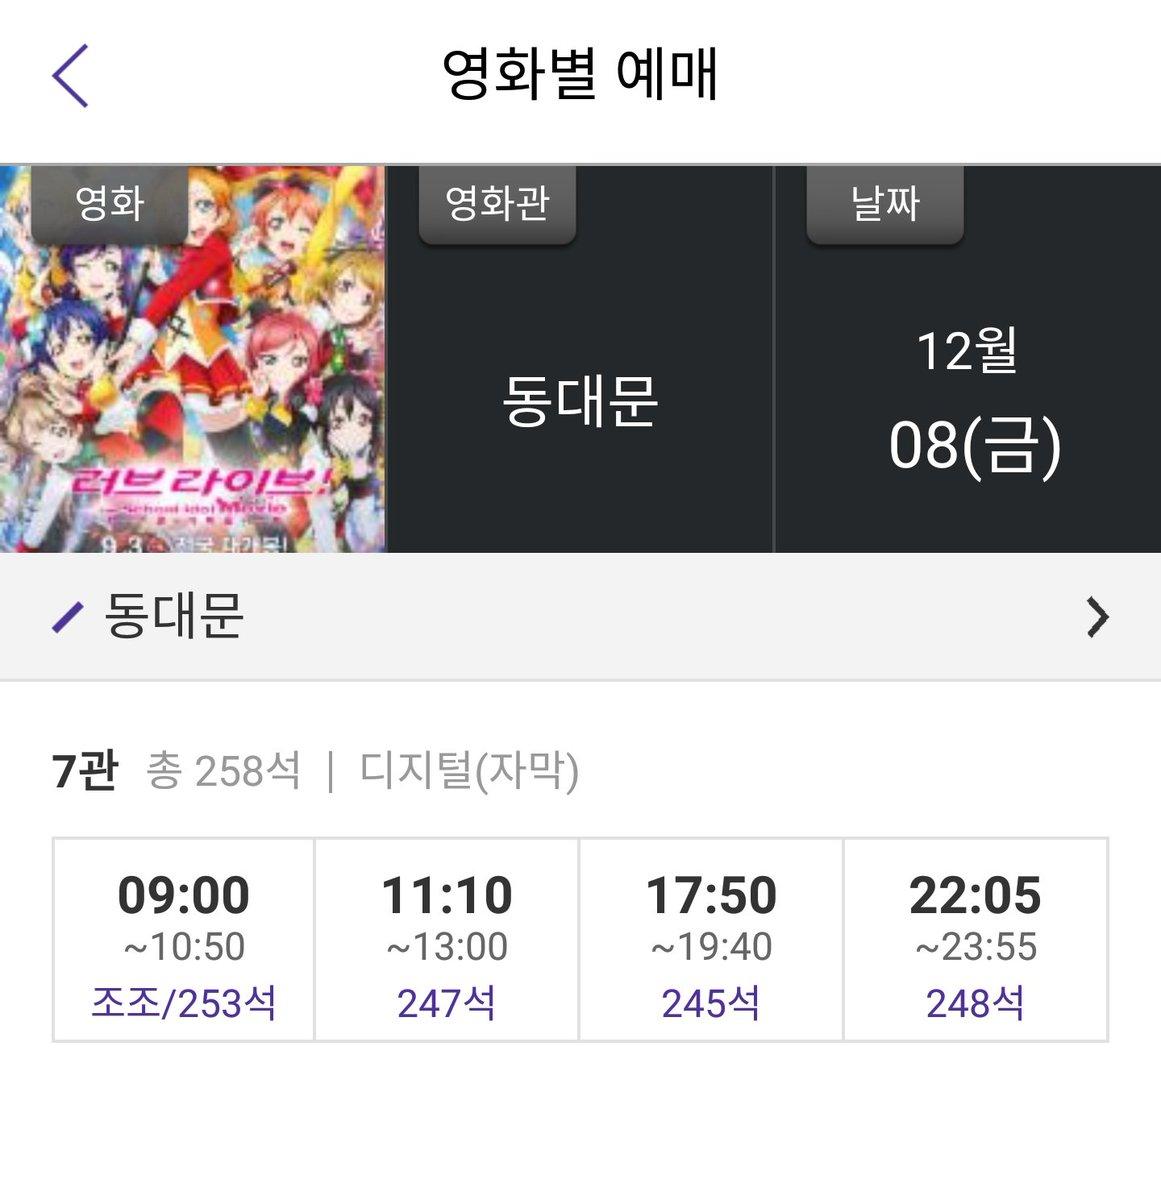 러브라이브 - 메가박스 동대문에서의 연락